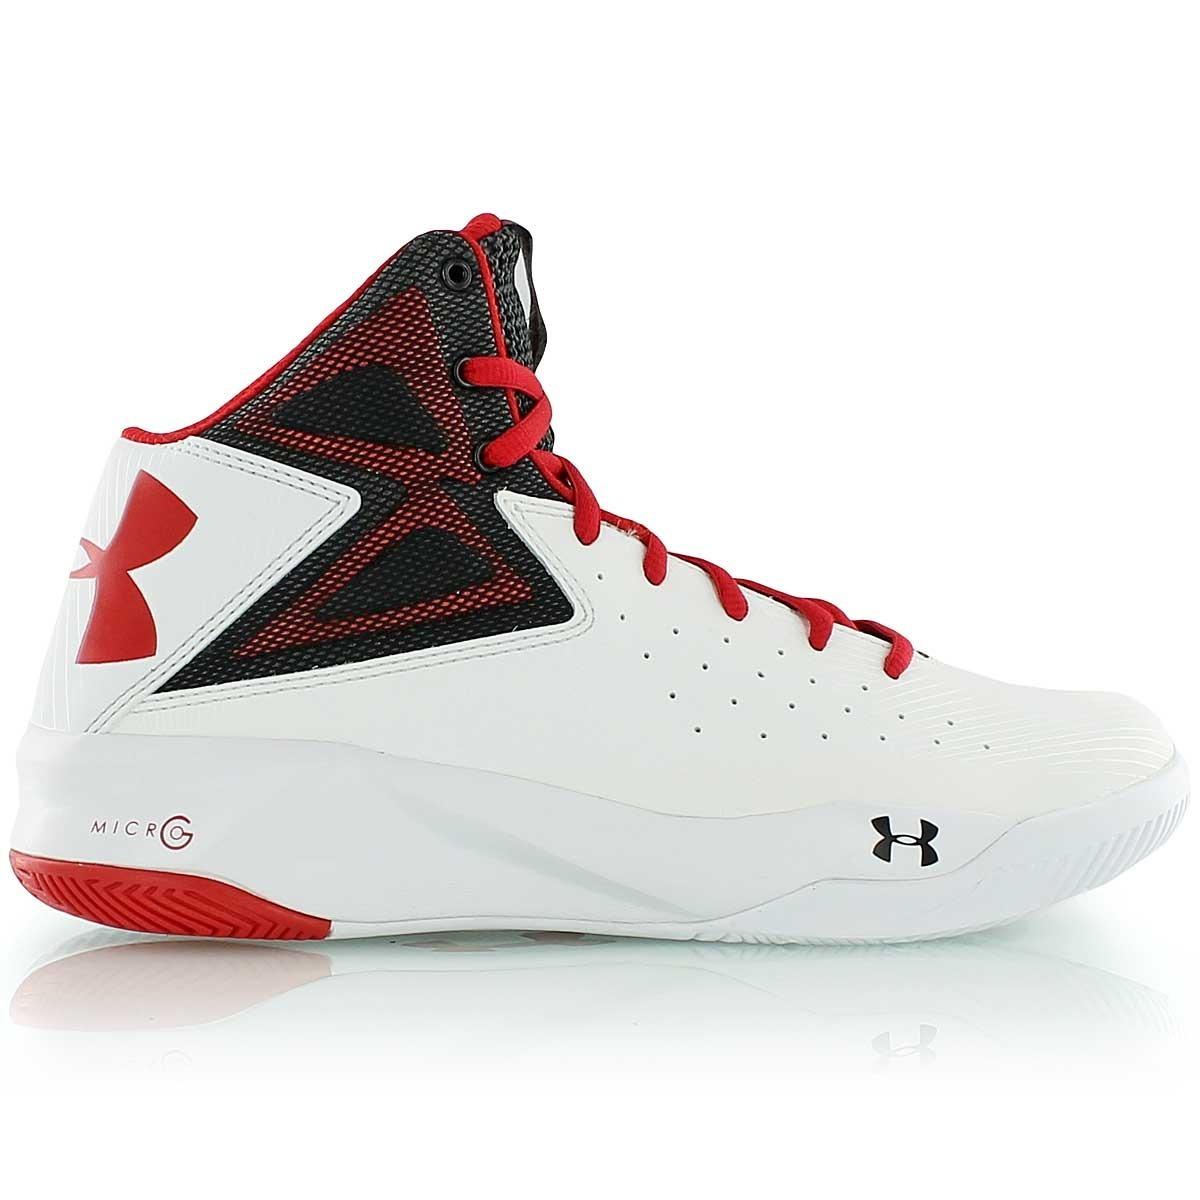 ea18a4f8849 zapatillas basket basquet under armour rocket stephen curry. Cargando zoom.